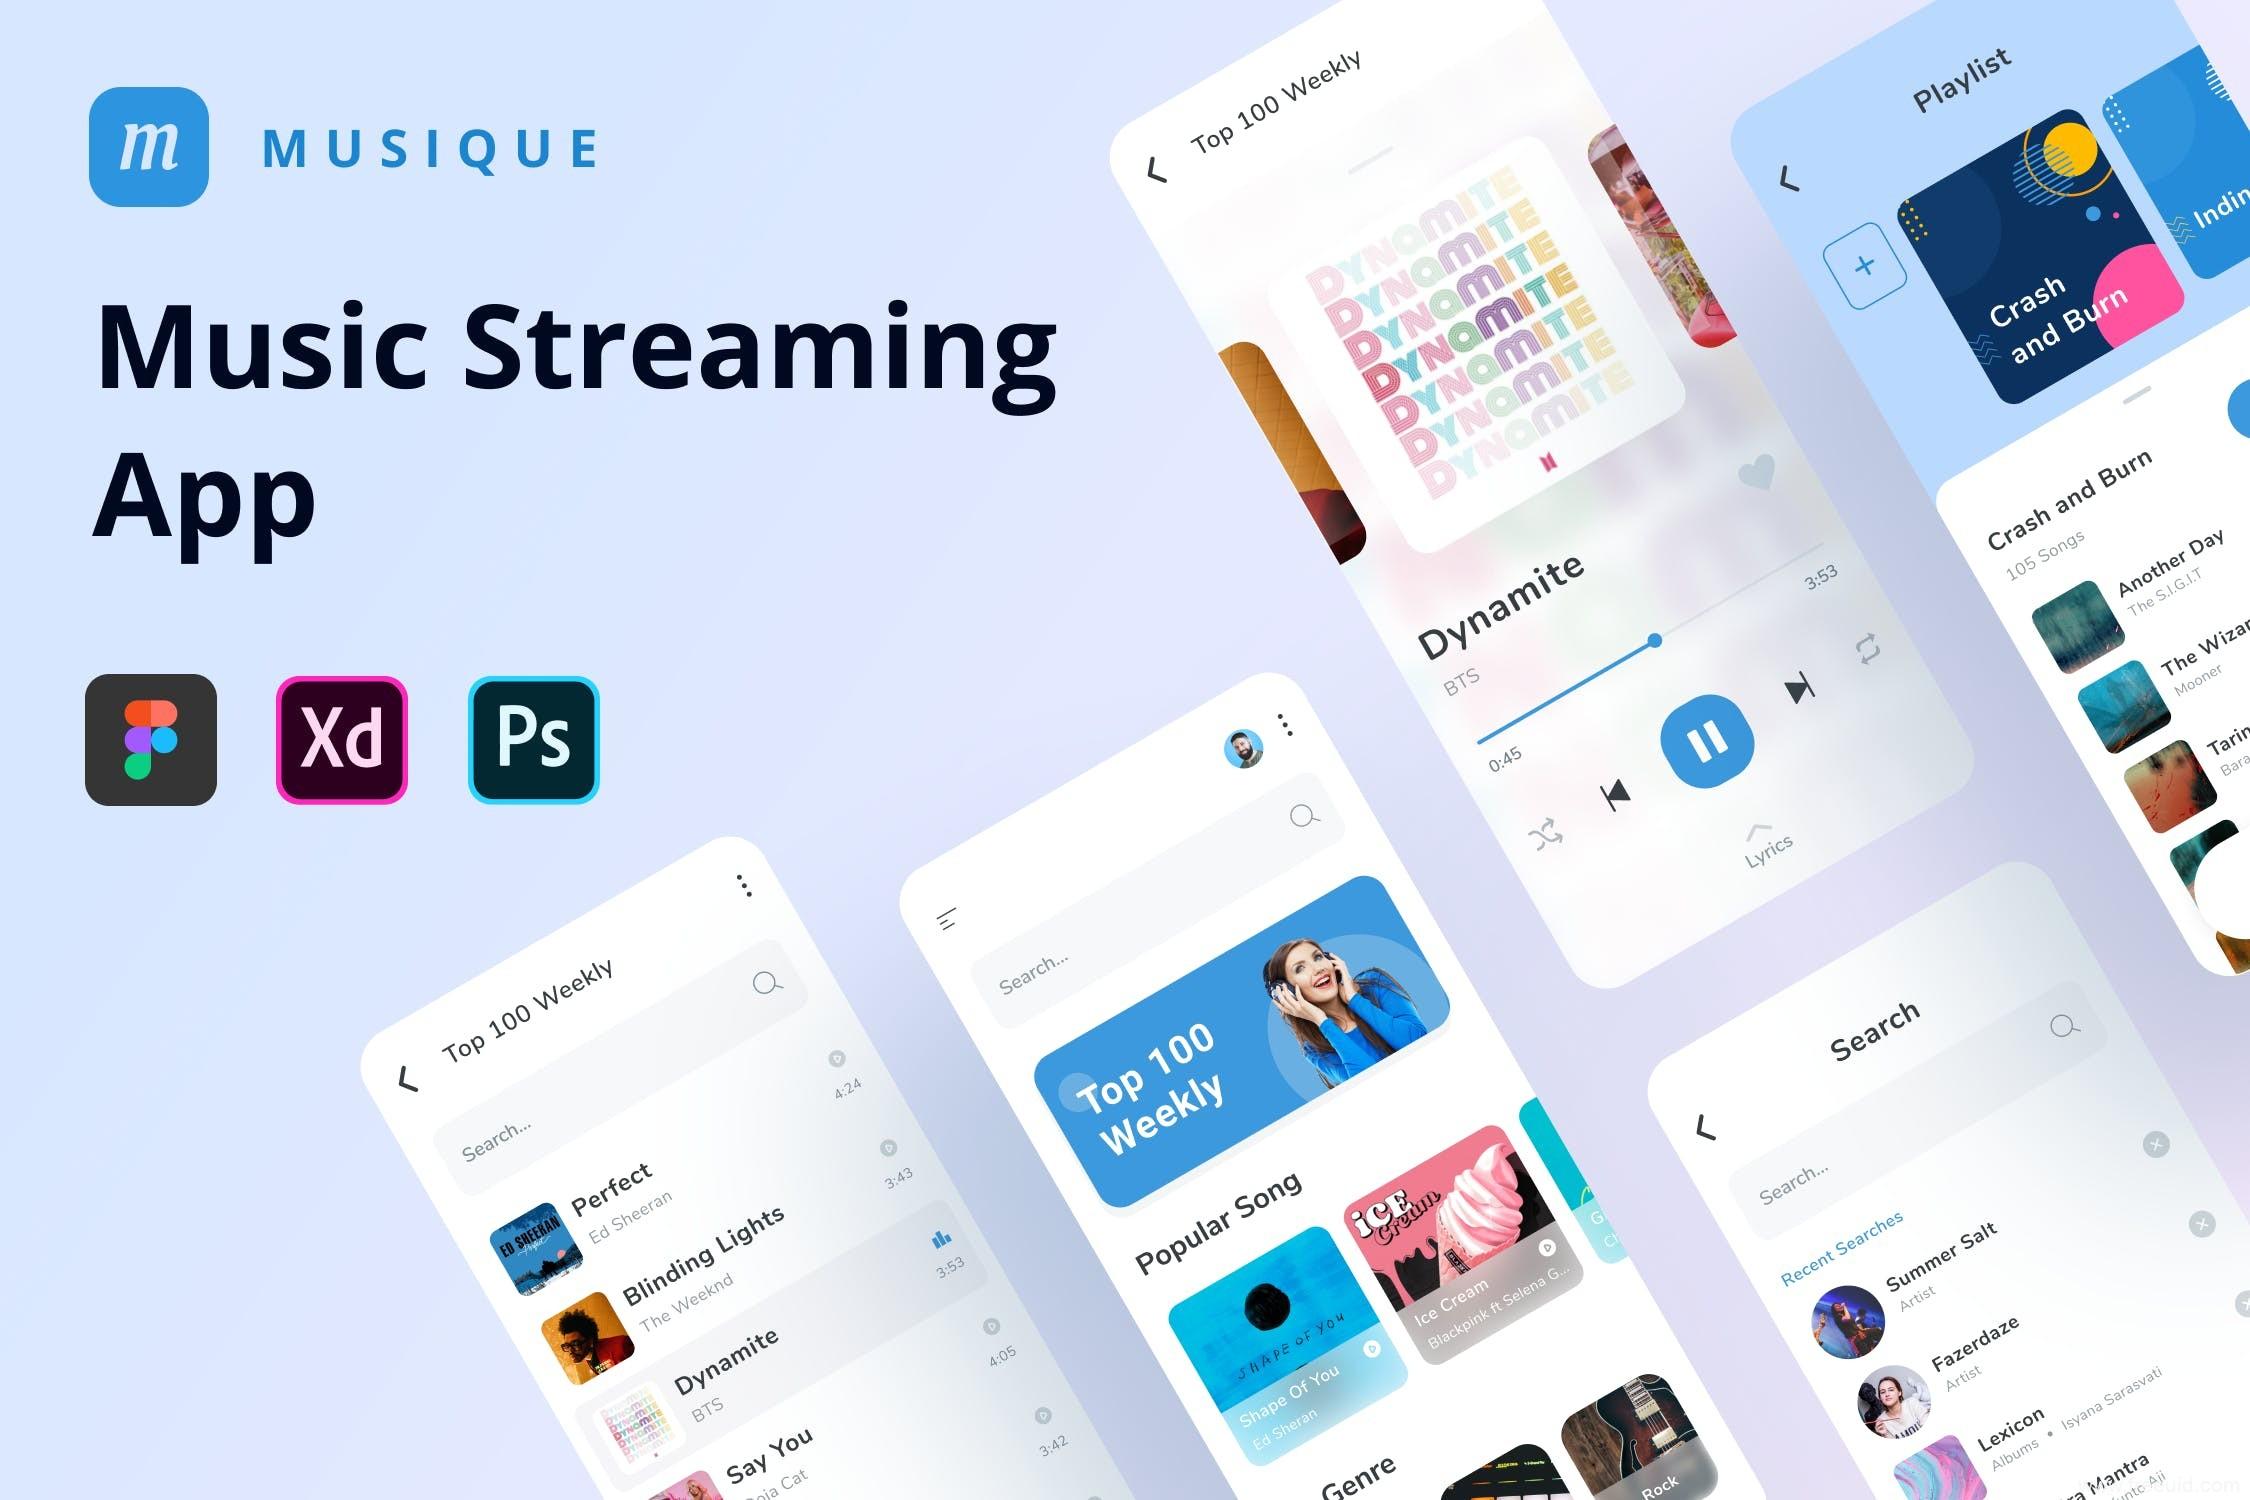 小清新风格音乐app UI源文件,音乐流媒体、音乐播客app UI资源素材psd、xd、fig源文件